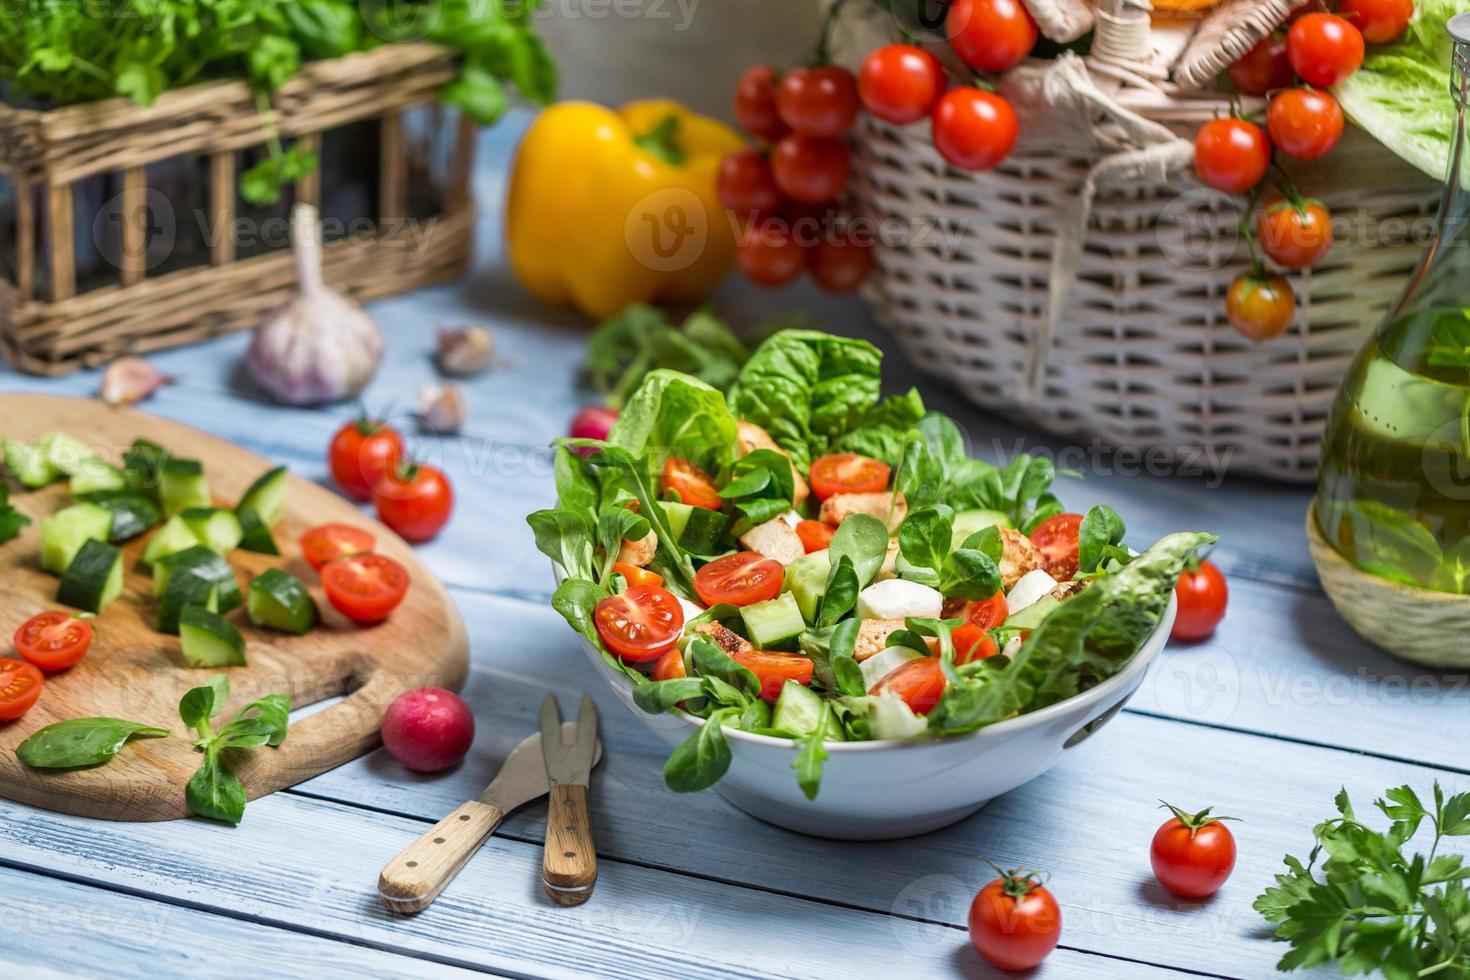 ensalada saludable de primavera fresca foto